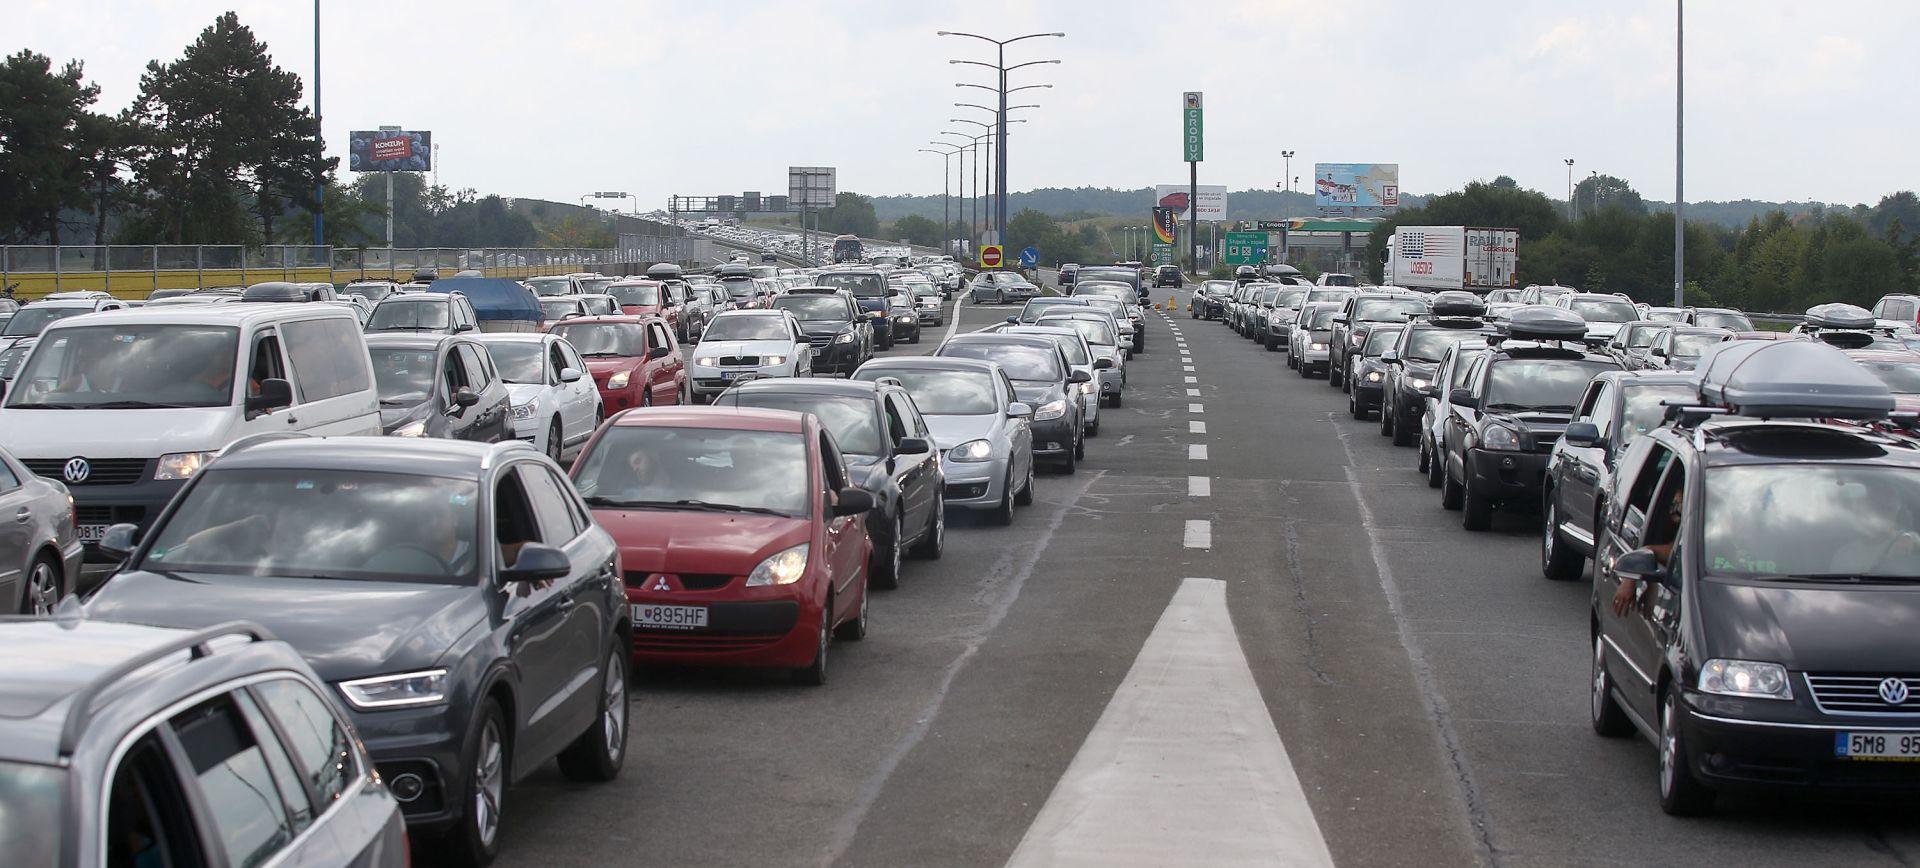 HAK Pojačan promet na autocestama, kod Lučkog kolona 3km, prometna na A1